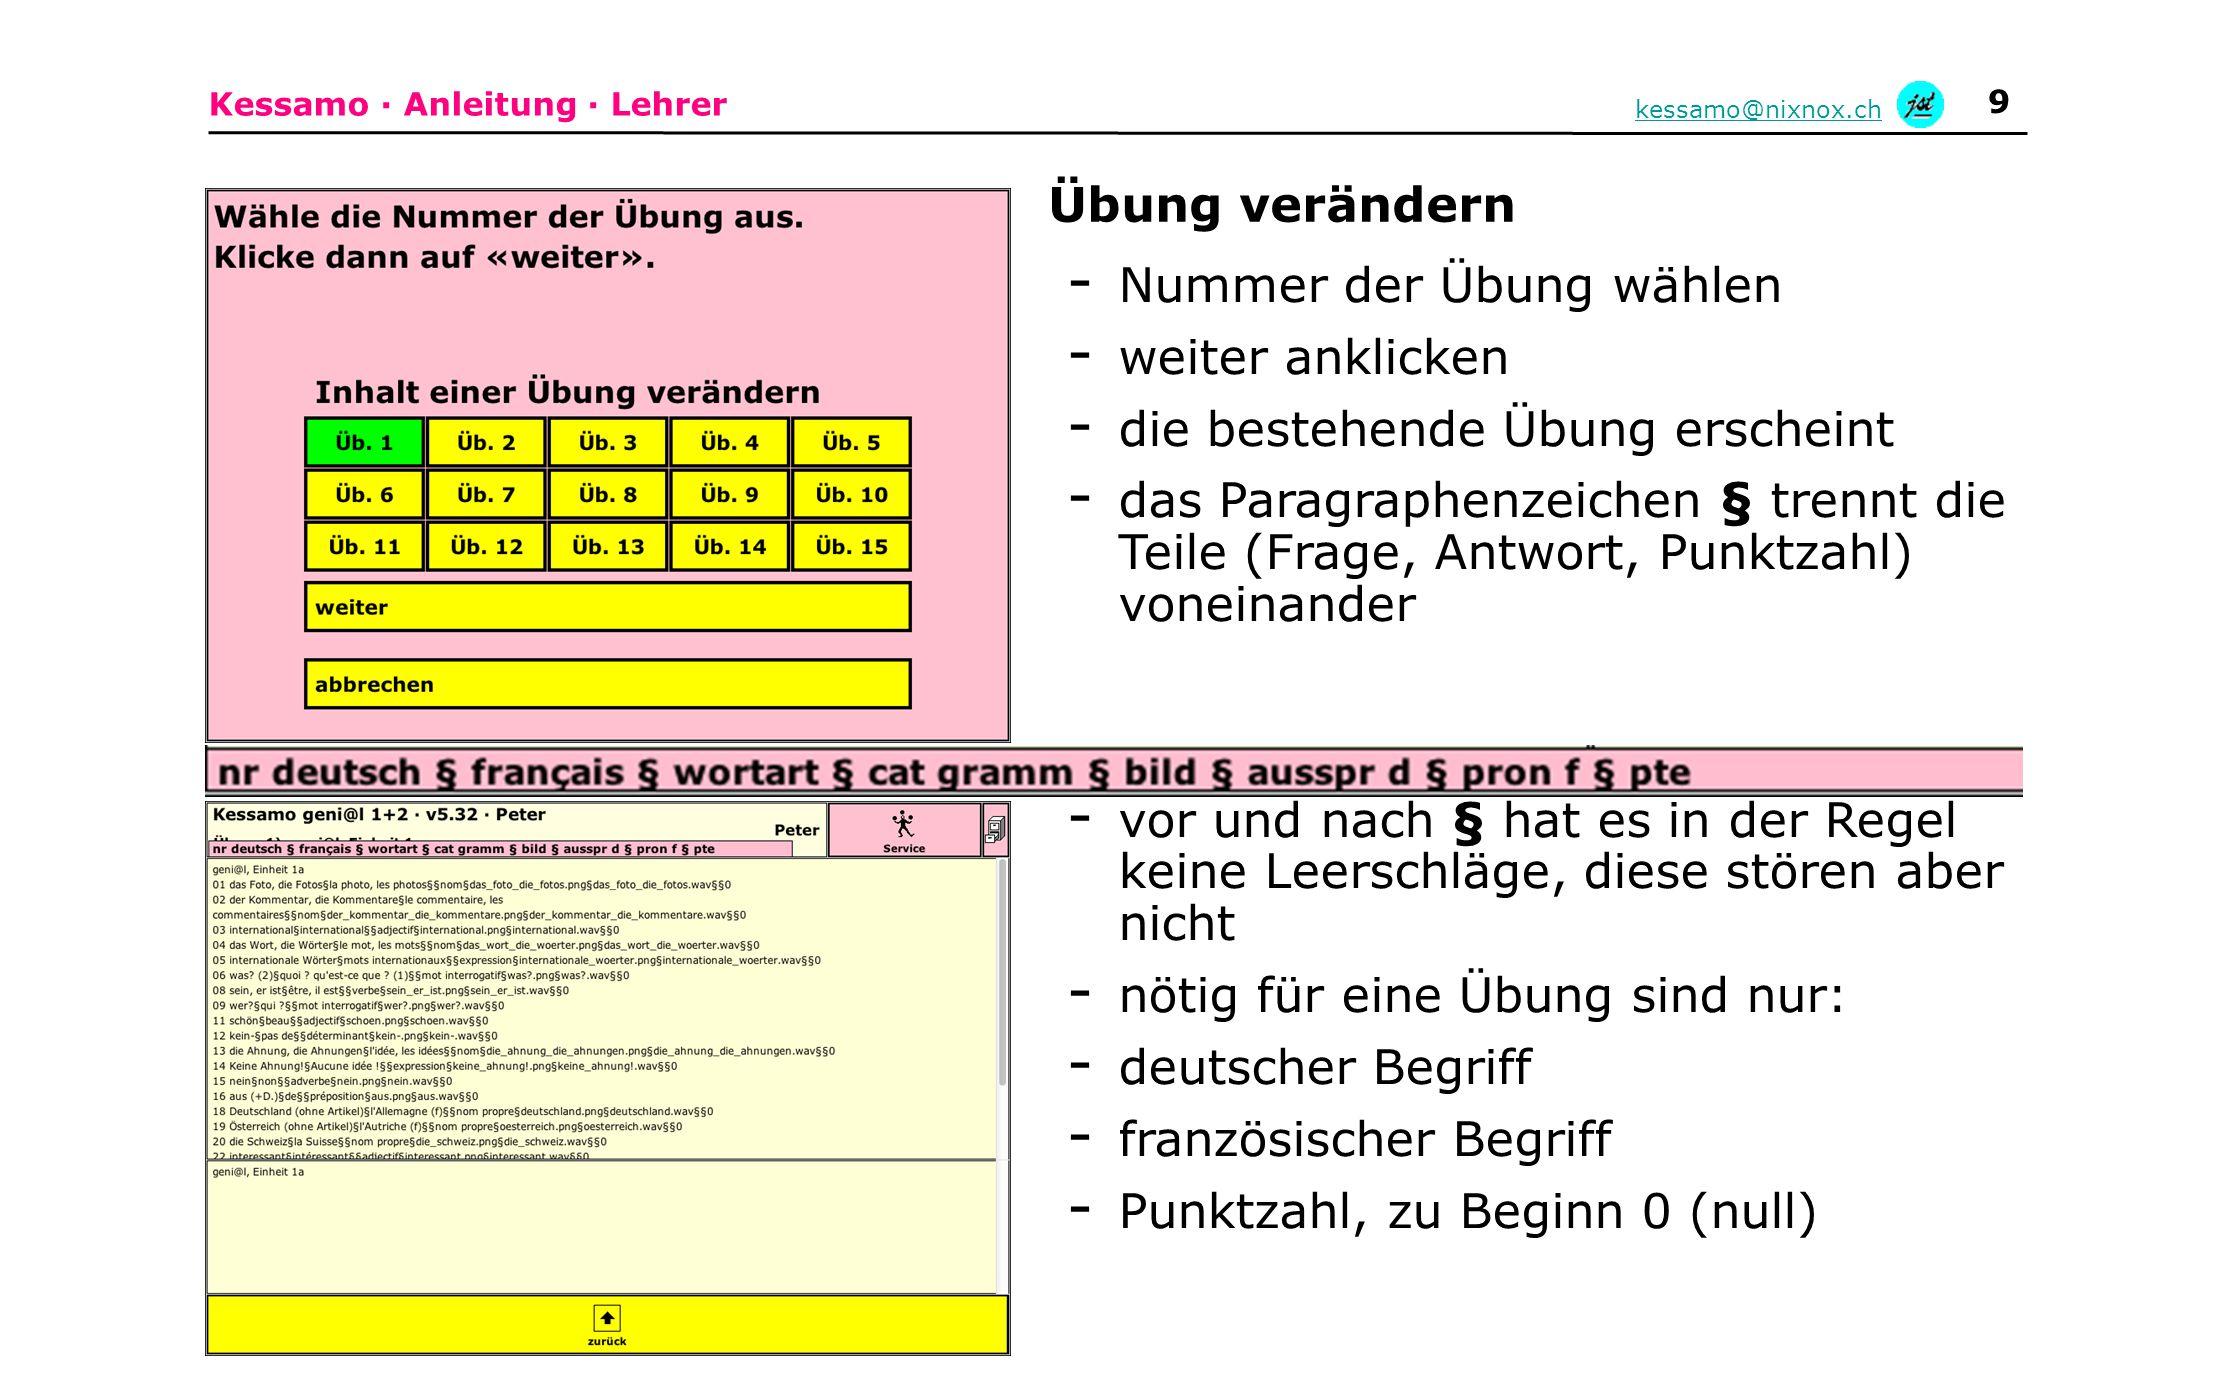 Kessamo · Anleitung · Lehrer kessamo@nixnox.ch 9 Übung verändern - Nummer der Übung wählen - weiter anklicken - die bestehende Übung erscheint - das Paragraphenzeichen § trennt die Teile (Frage, Antwort, Punktzahl) voneinander - vor und nach § hat es in der Regel keine Leerschläge, diese stören aber nicht - nötig für eine Übung sind nur: - deutscher Begriff - französischer Begriff - Punktzahl, zu Beginn 0 (null)